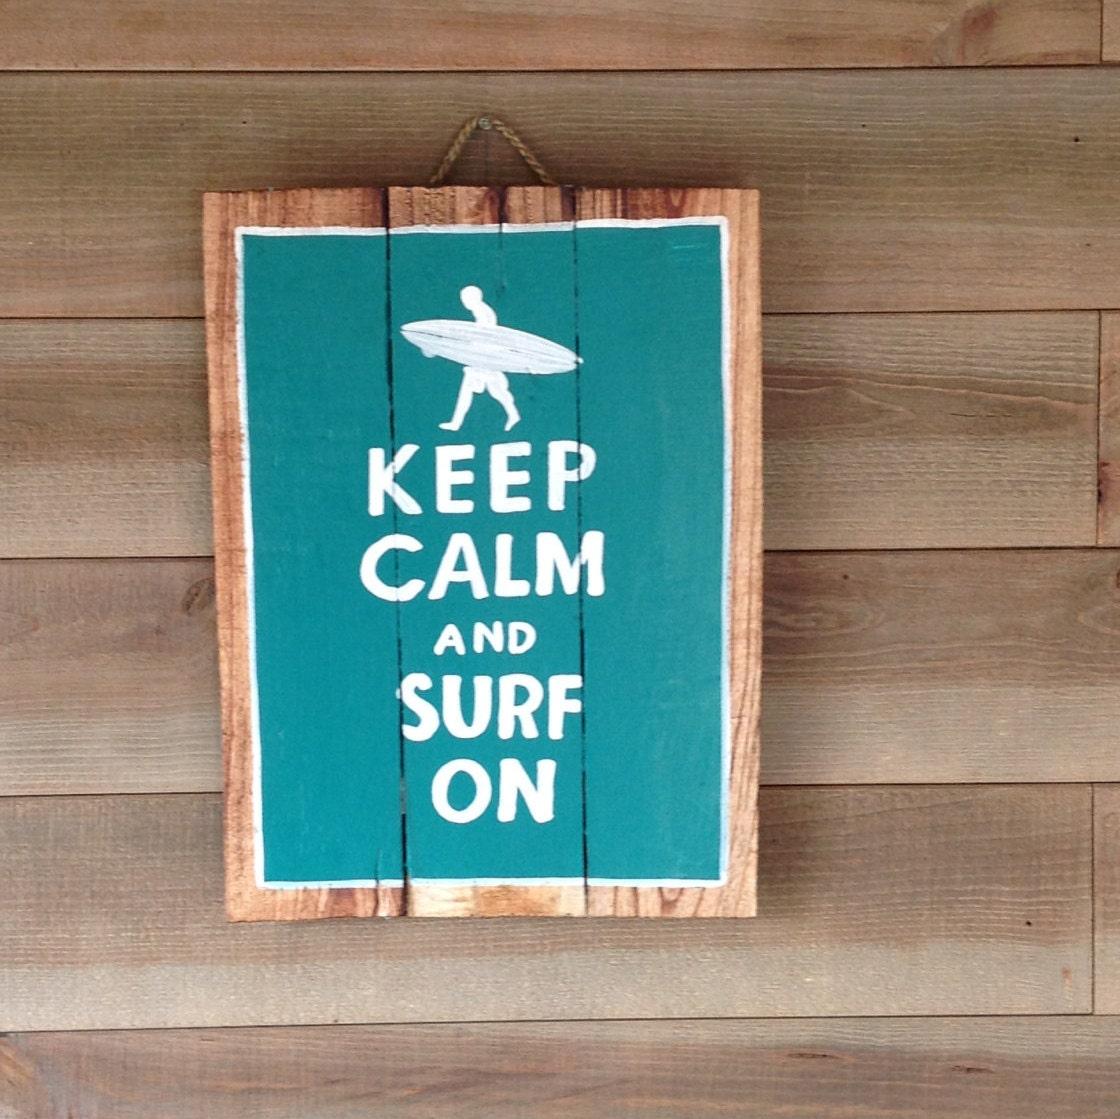 Keep calm surf panneau en bois d coratif peinture sur bois - Peinture bois sur fer ...